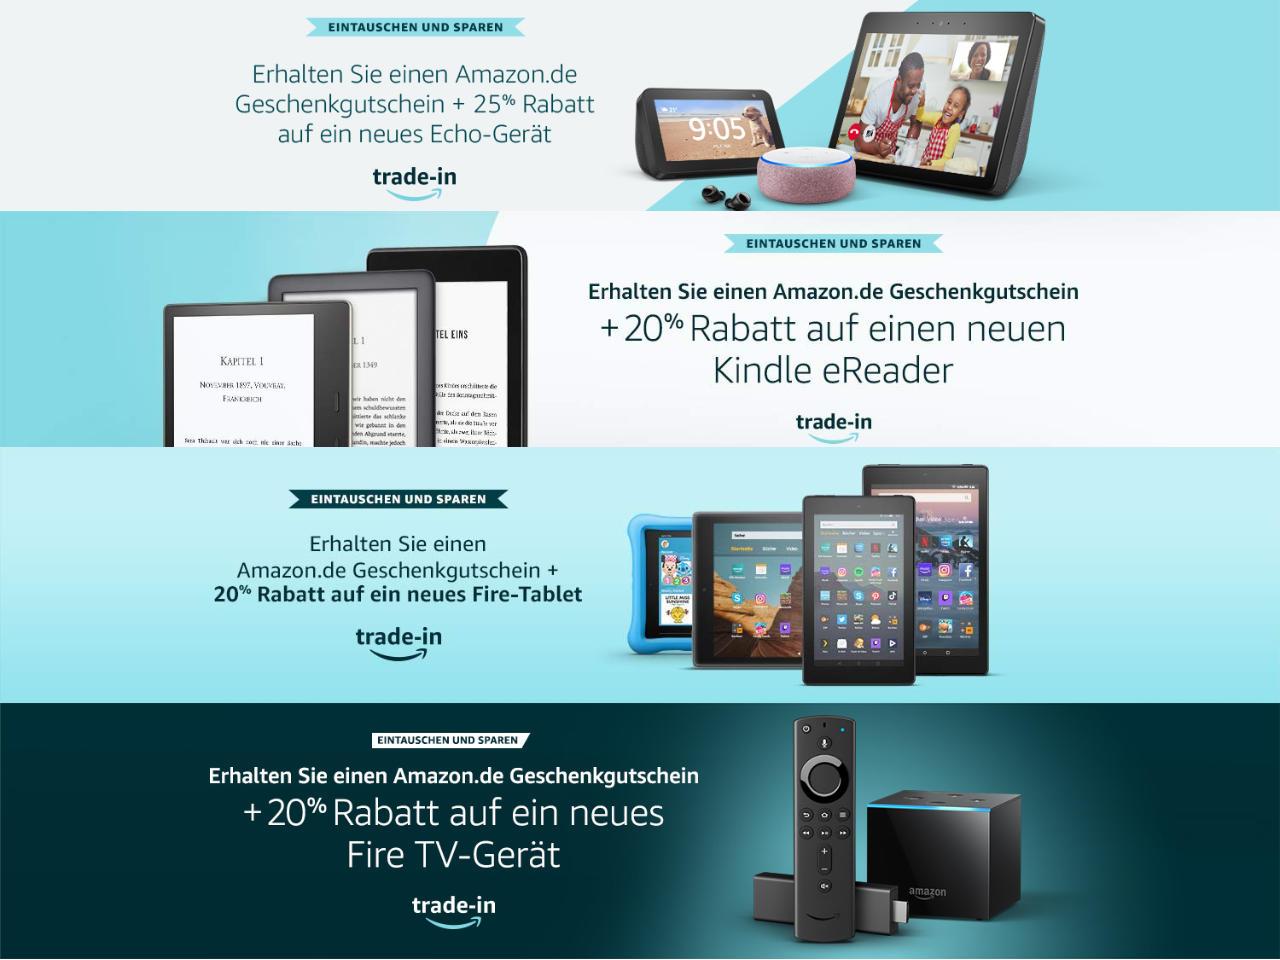 Amazon Echo, Fire TV, Fire Tablet, Kindle eReader - Trade-in - Eintauschen und ein neues Amazon-Gerät erhalten